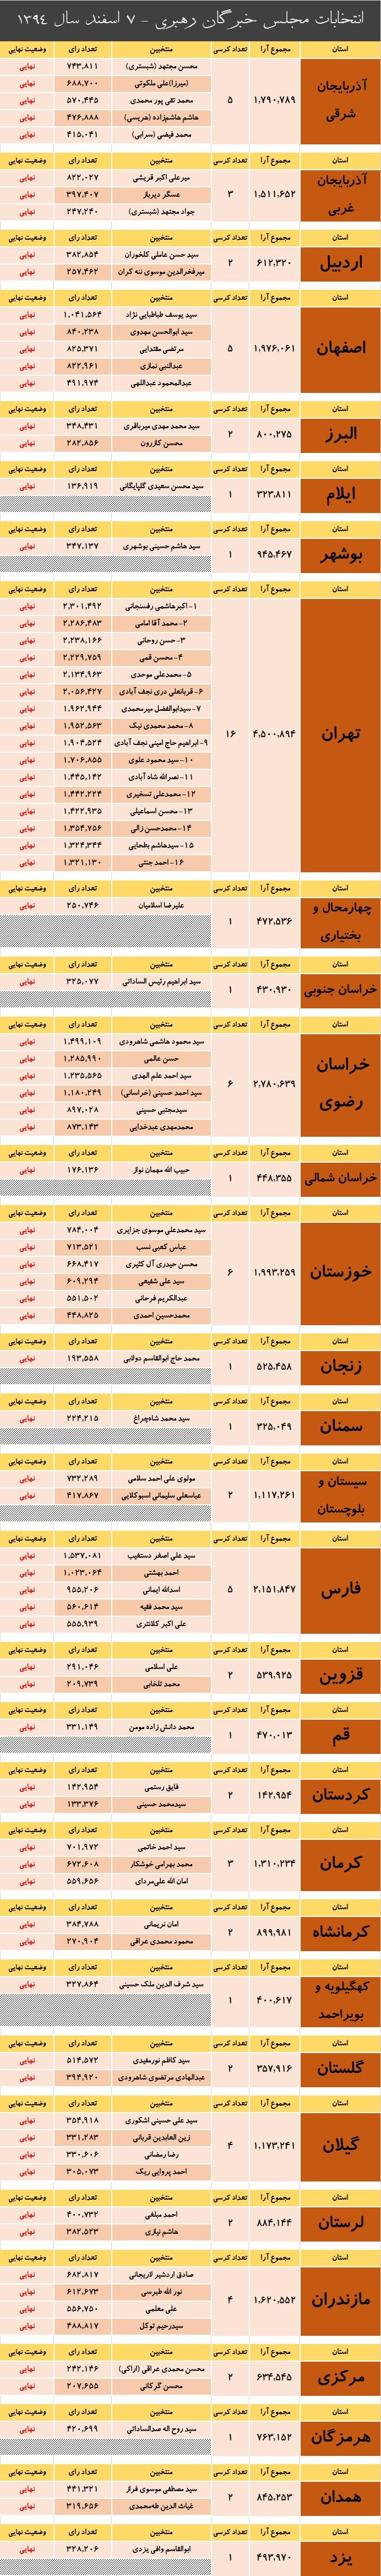 نتیجه نهایی انتخابات خبرگان رهبری در سراسر کشور +جدول